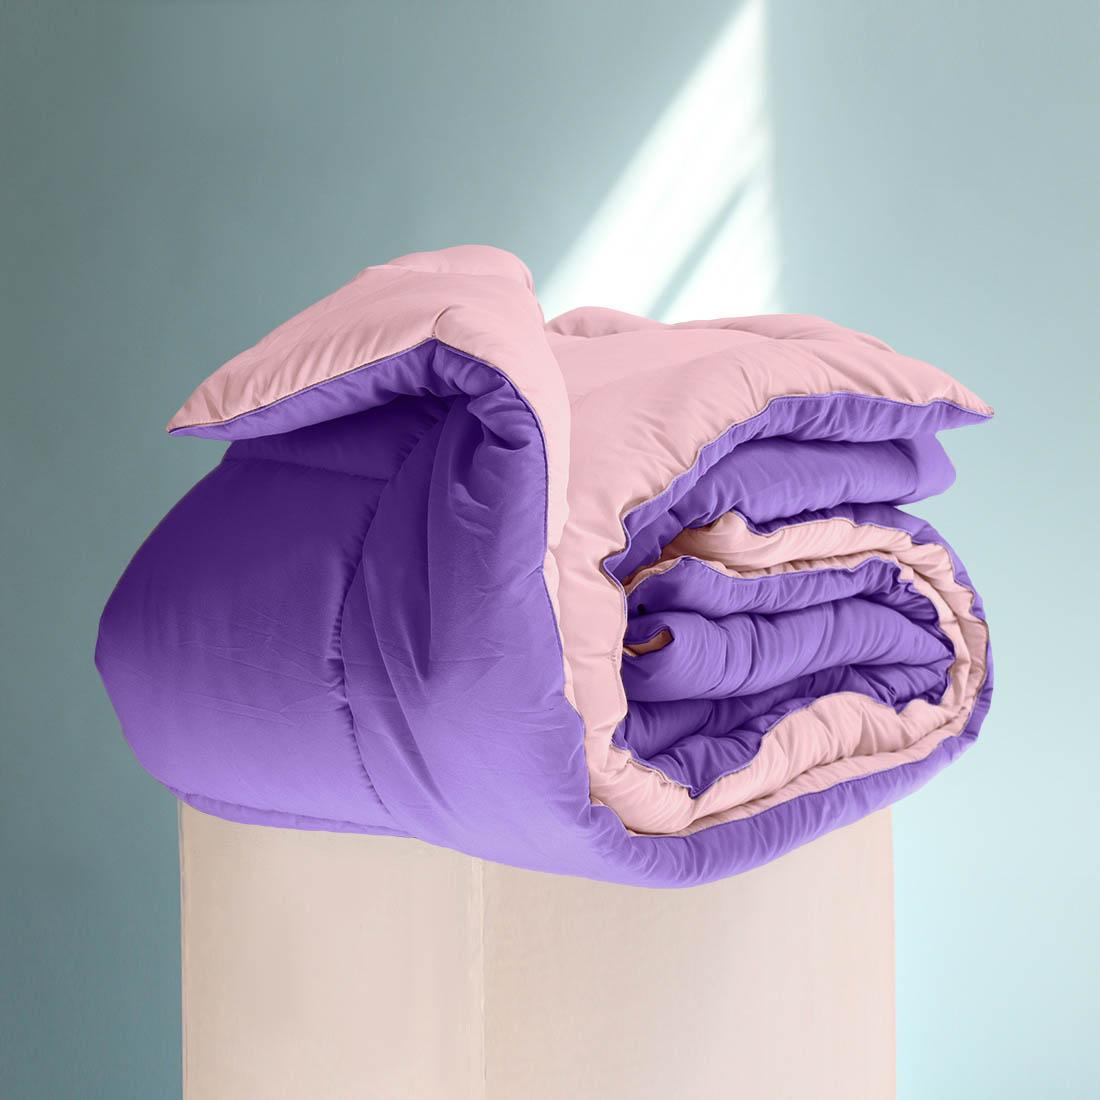 Одеяло Sleep iX, наполнитель: силиконизированное волокно, цвет: фиолетовый, розовый, 200 х 220 см. pva320033pva320033Особая технология позволяет использовать это одеяло без пододеяльника, не опасаясь износа.Материал чехла MicroSkin - это гладкая и шелковистая ткань с легким блеском, по своему виду не уступает натуральному хлопку. Хорошо сохраняет тепло, очень приятна на ощупь, прочна и устойчива к стирке.Силиконизированное волокно делают из тонких волокон полиэфира, обработанных силиконом. Одеяло с таким наполнителем отлично сохраняет тепло, создавая максимальный комфорт и уют. Силиконизированное волокно отлично держит форму, не сбиваясь в комки. На ощупь наполнитель похож на пух, поэтому производители часто называют его искусственным пухом. Одеяло с полиэфирным наполнителем отлично подойдёт людям, страдающим аллергией, так как не впитывает запахи и отталкивает пыль. Кант делают из атласа или вискозы, он помогает изделию держать форму в течение многих лет. Кантик есть на многих объемных изделиях из текстиля, иногда его могут дополнительно прострочить по периметру или сделать широким.